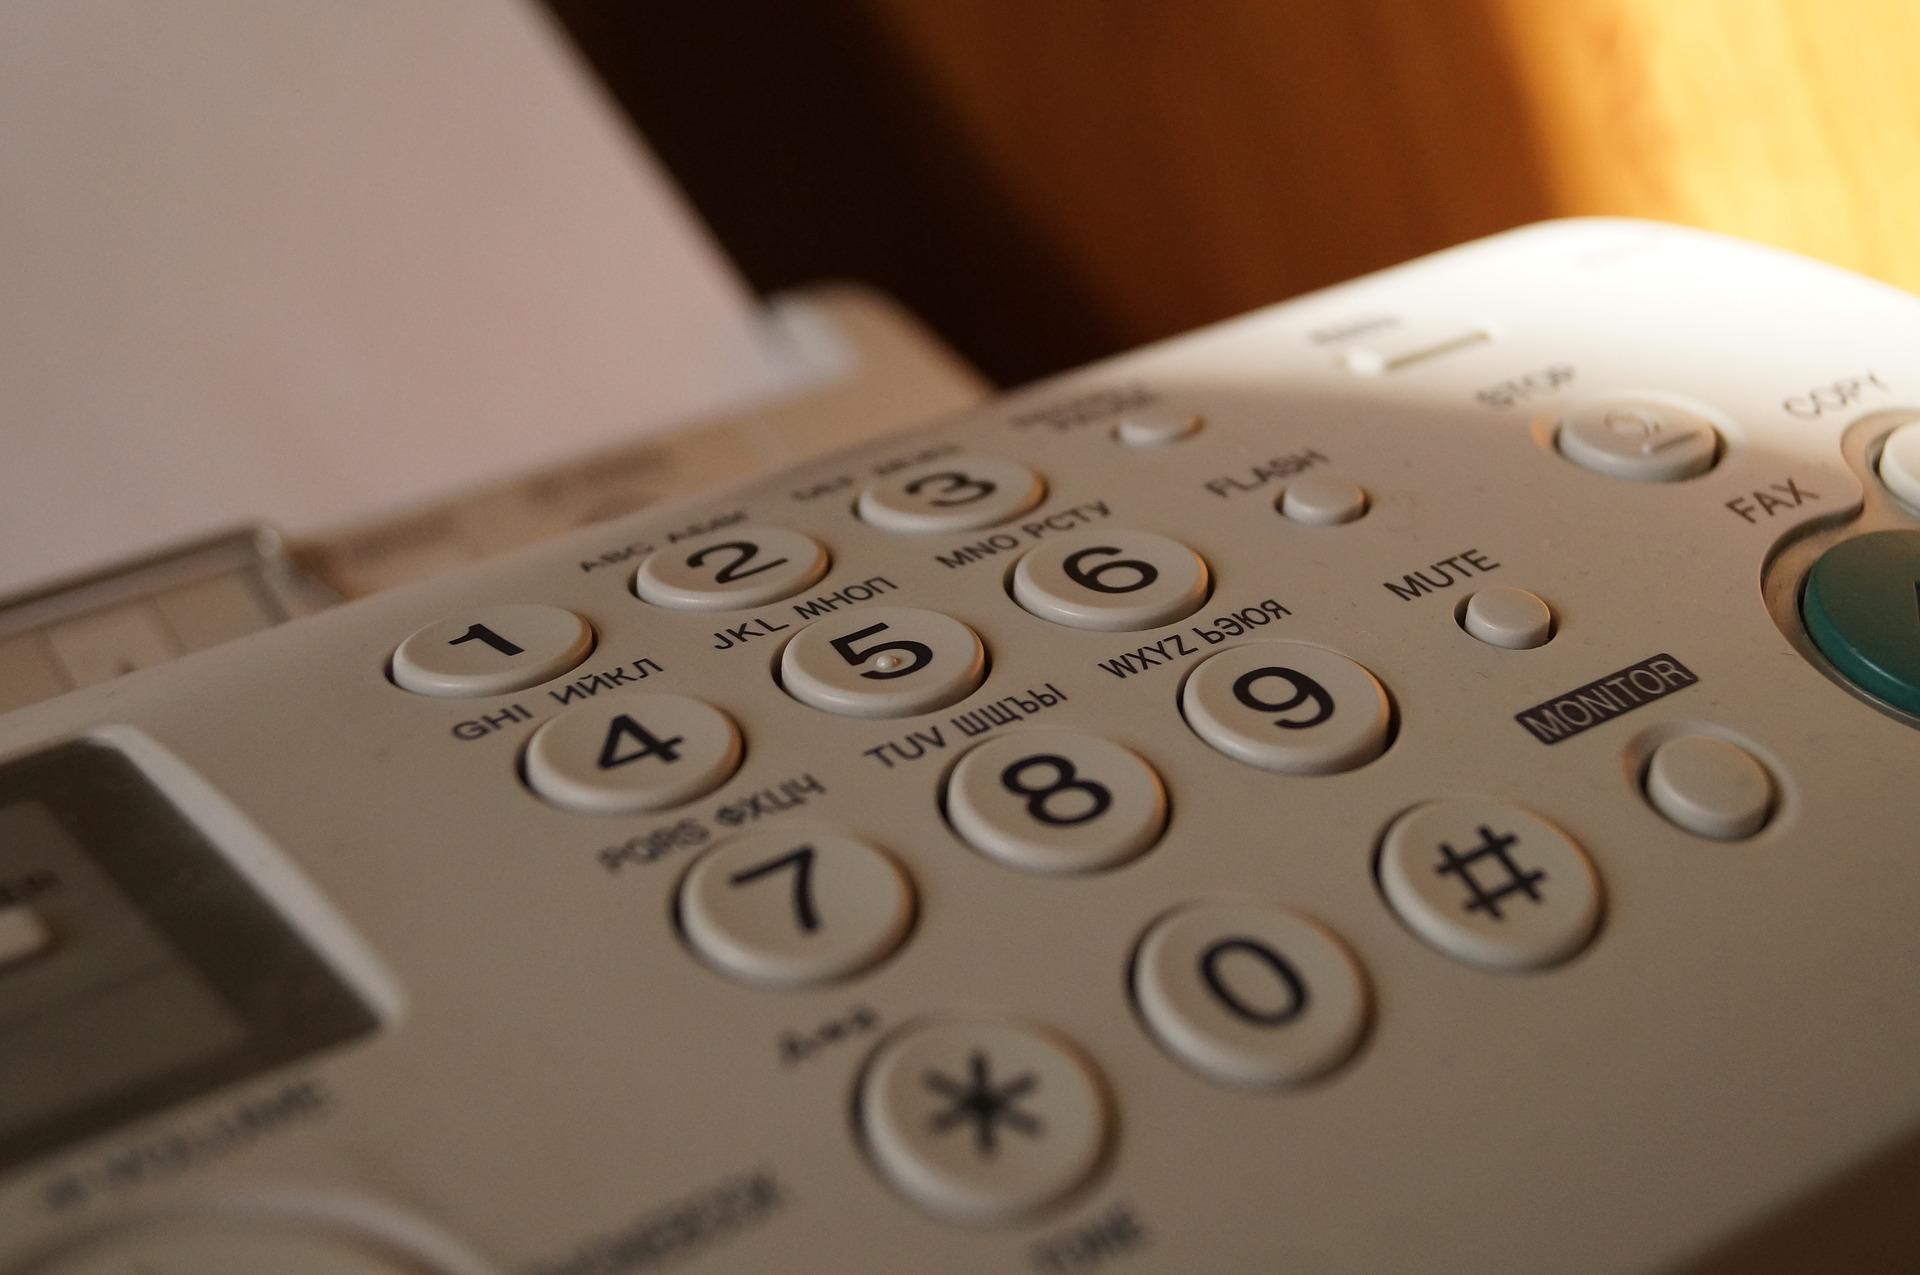 Juristen reageren vooral cynisch op einde gebruik fax door rechtspraak - Mr. online